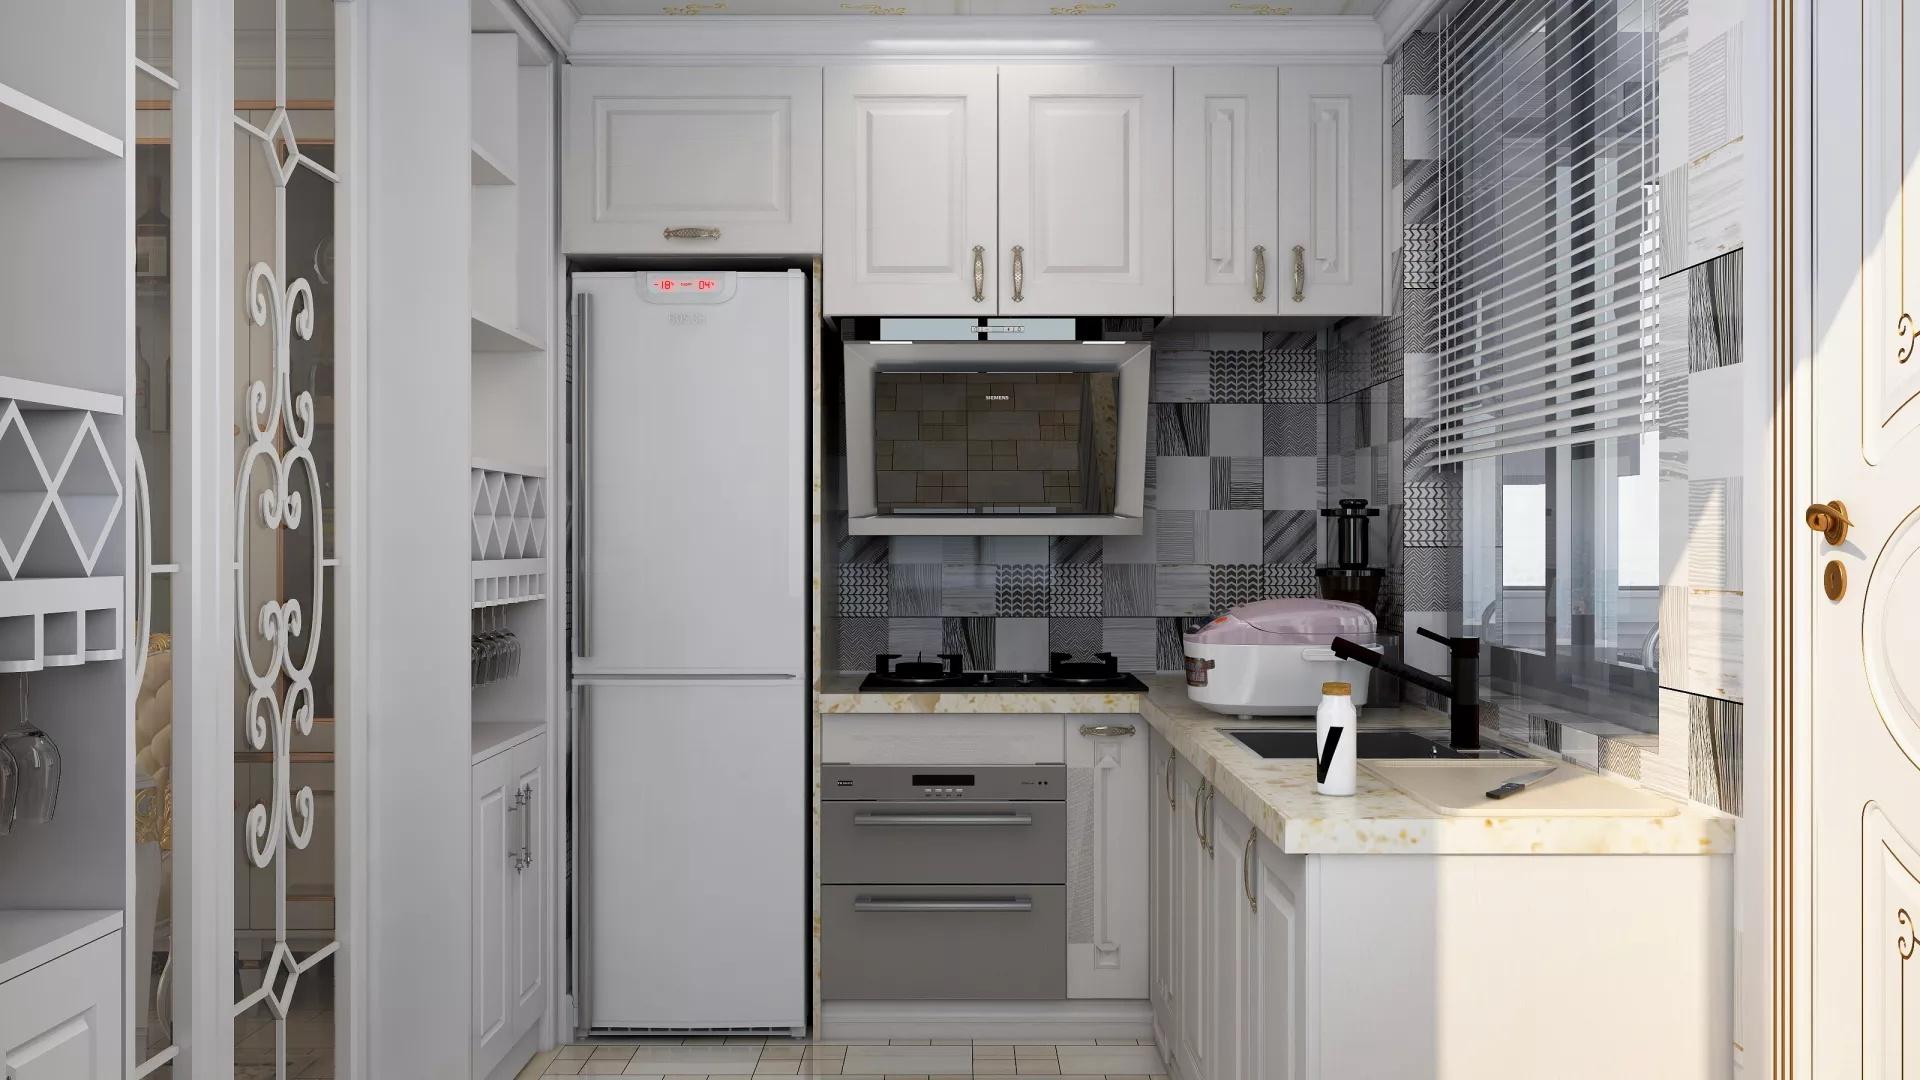 U型厨房设计优点 U型厨房有哪些优点